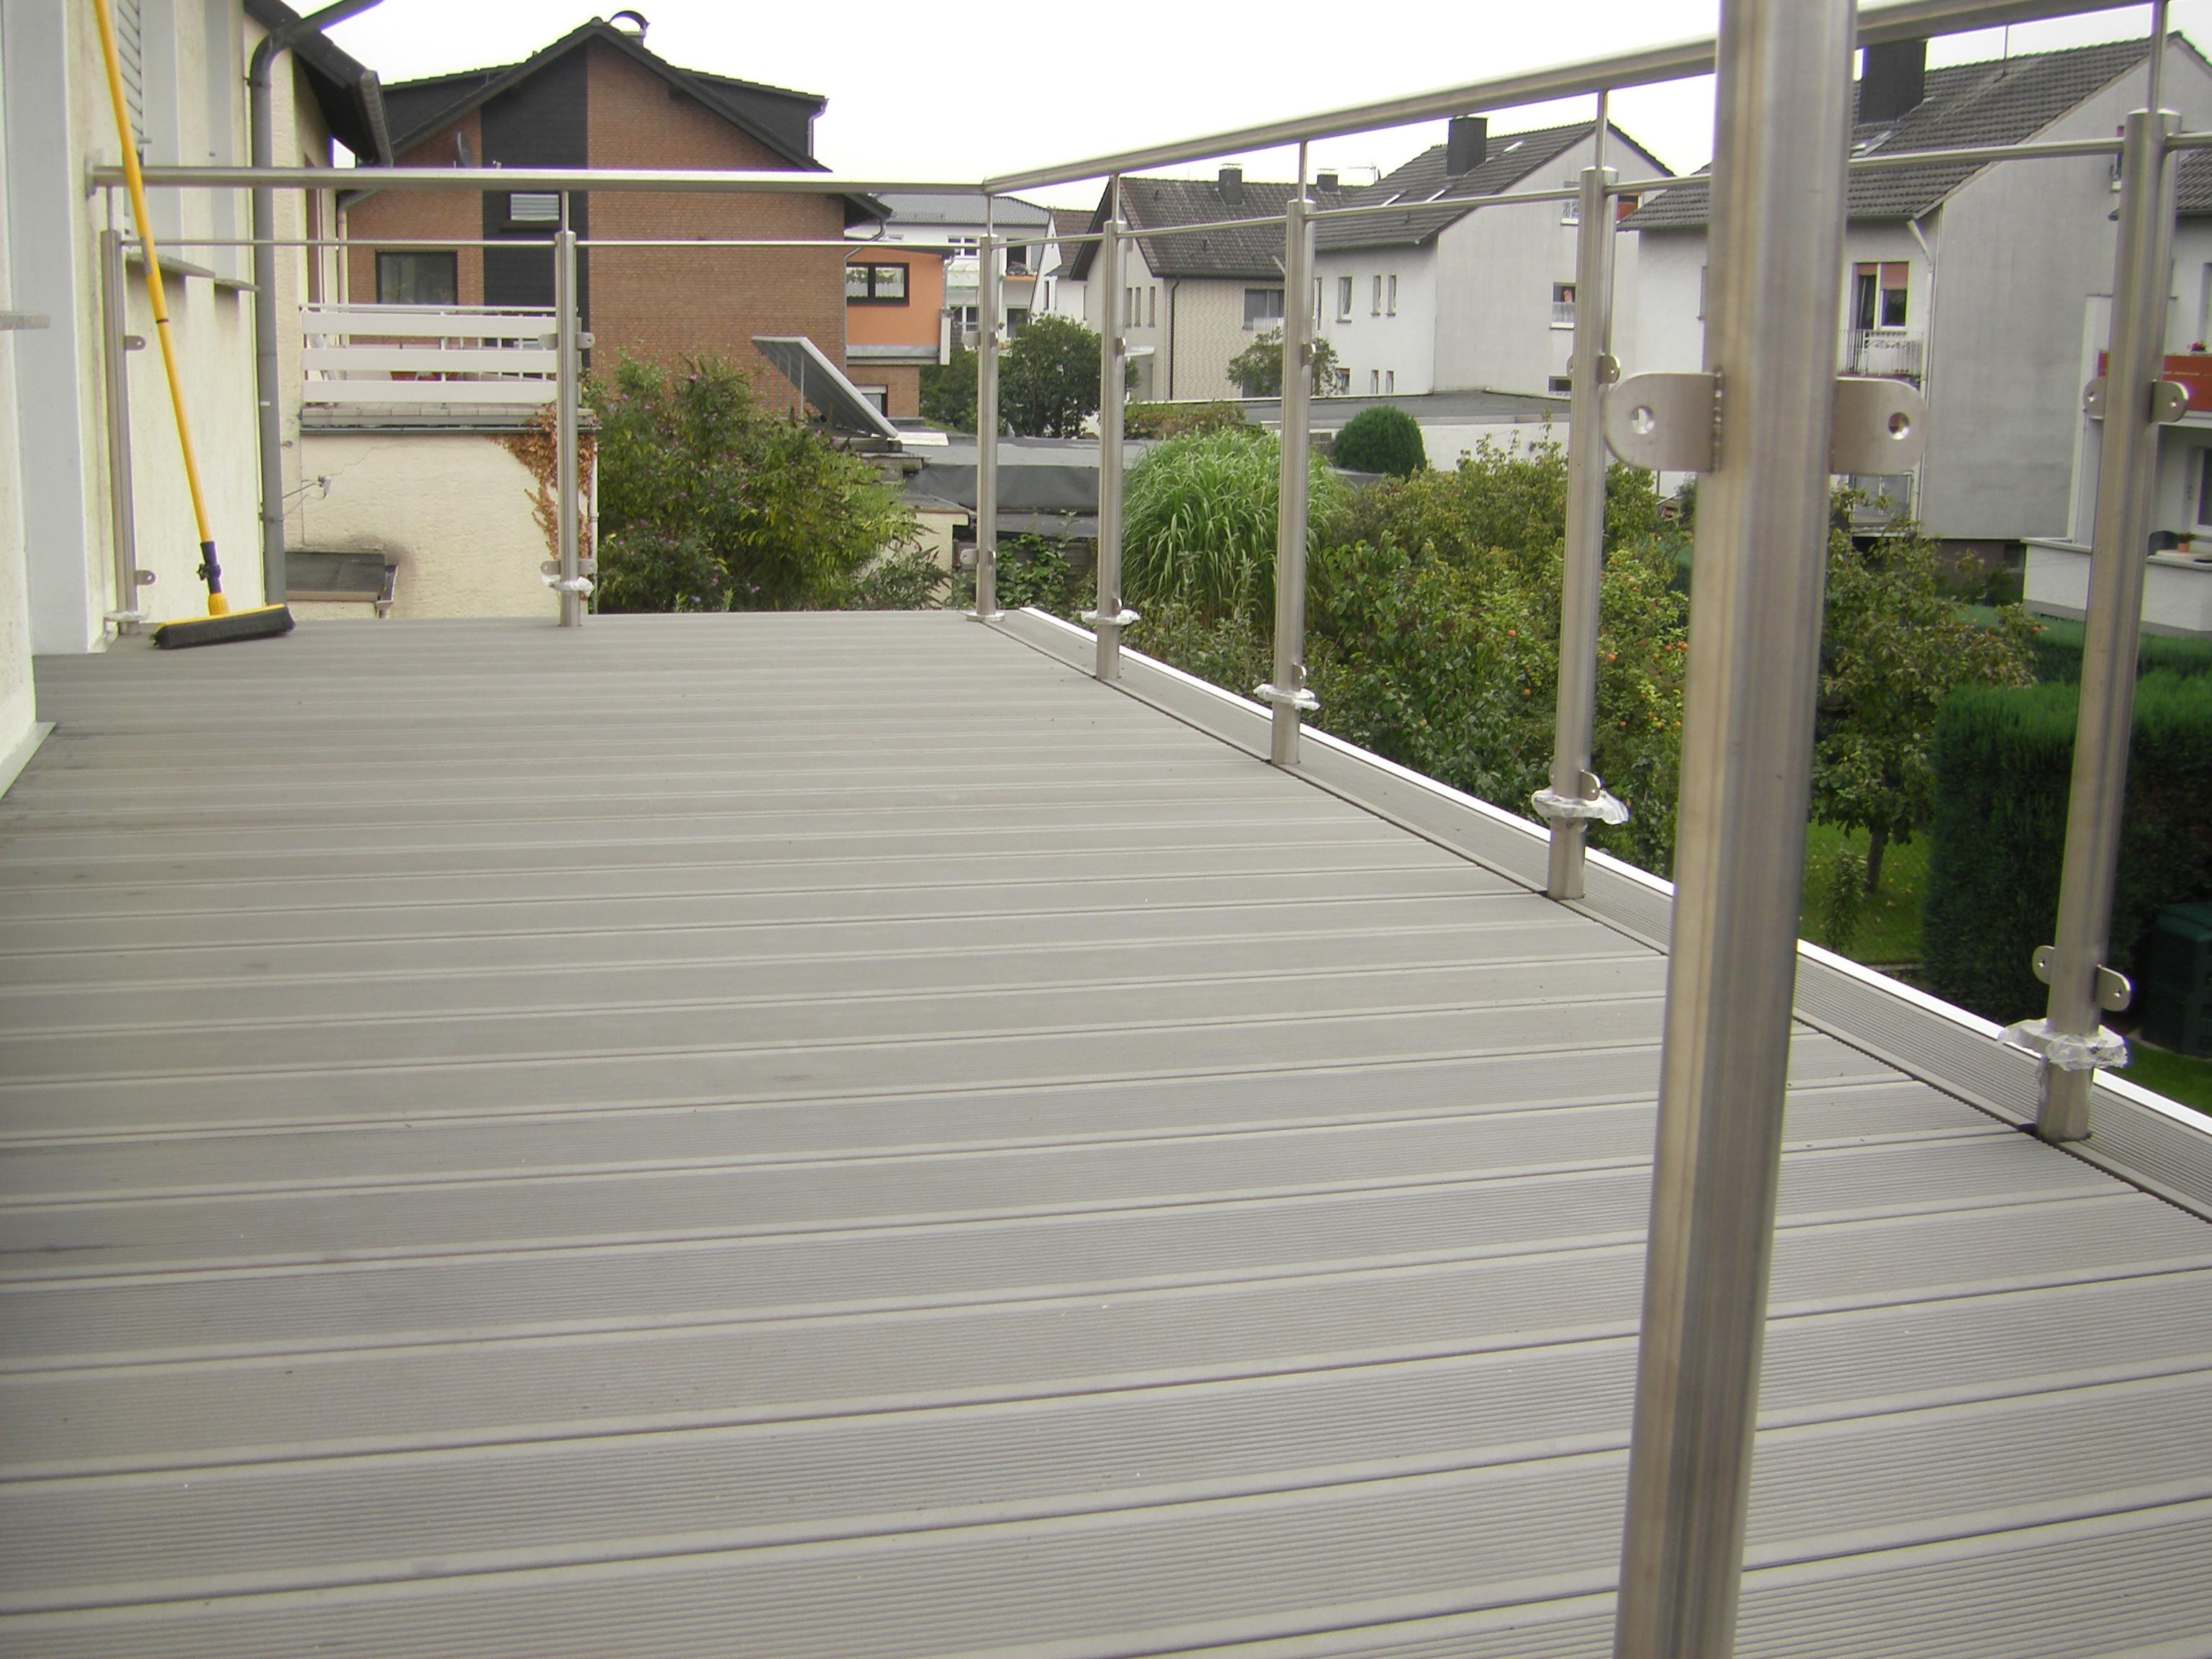 terrasse balkon sauerland. Black Bedroom Furniture Sets. Home Design Ideas